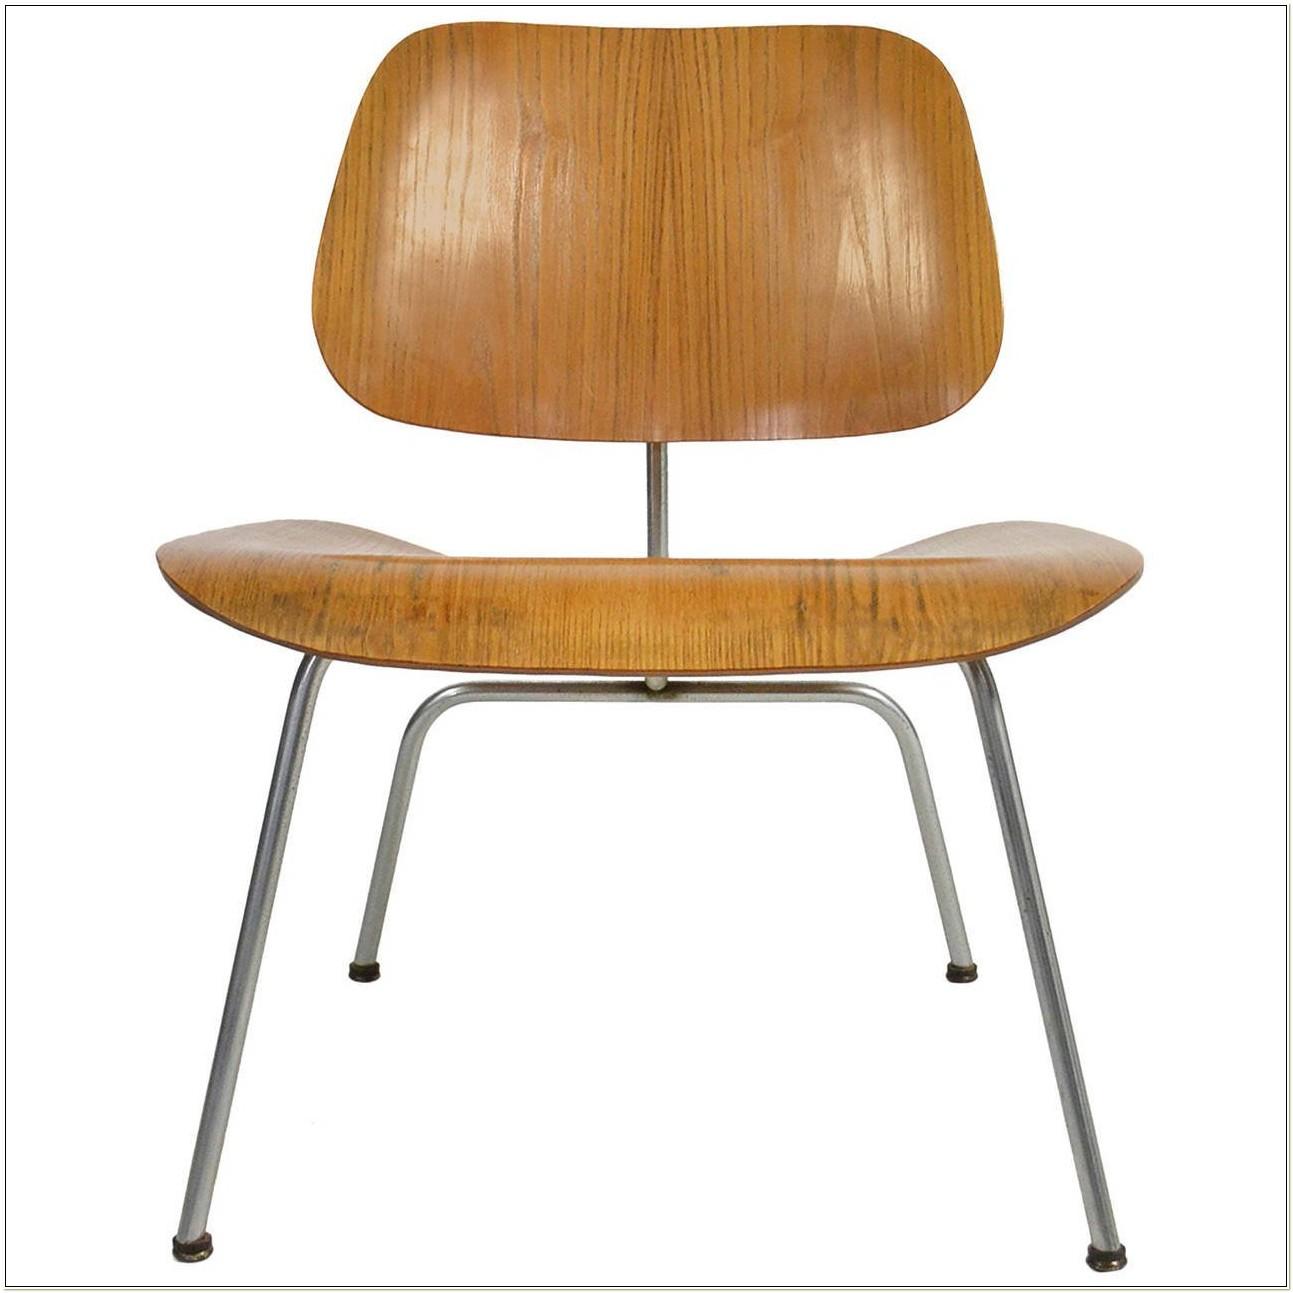 Herman Miller Wood Chair